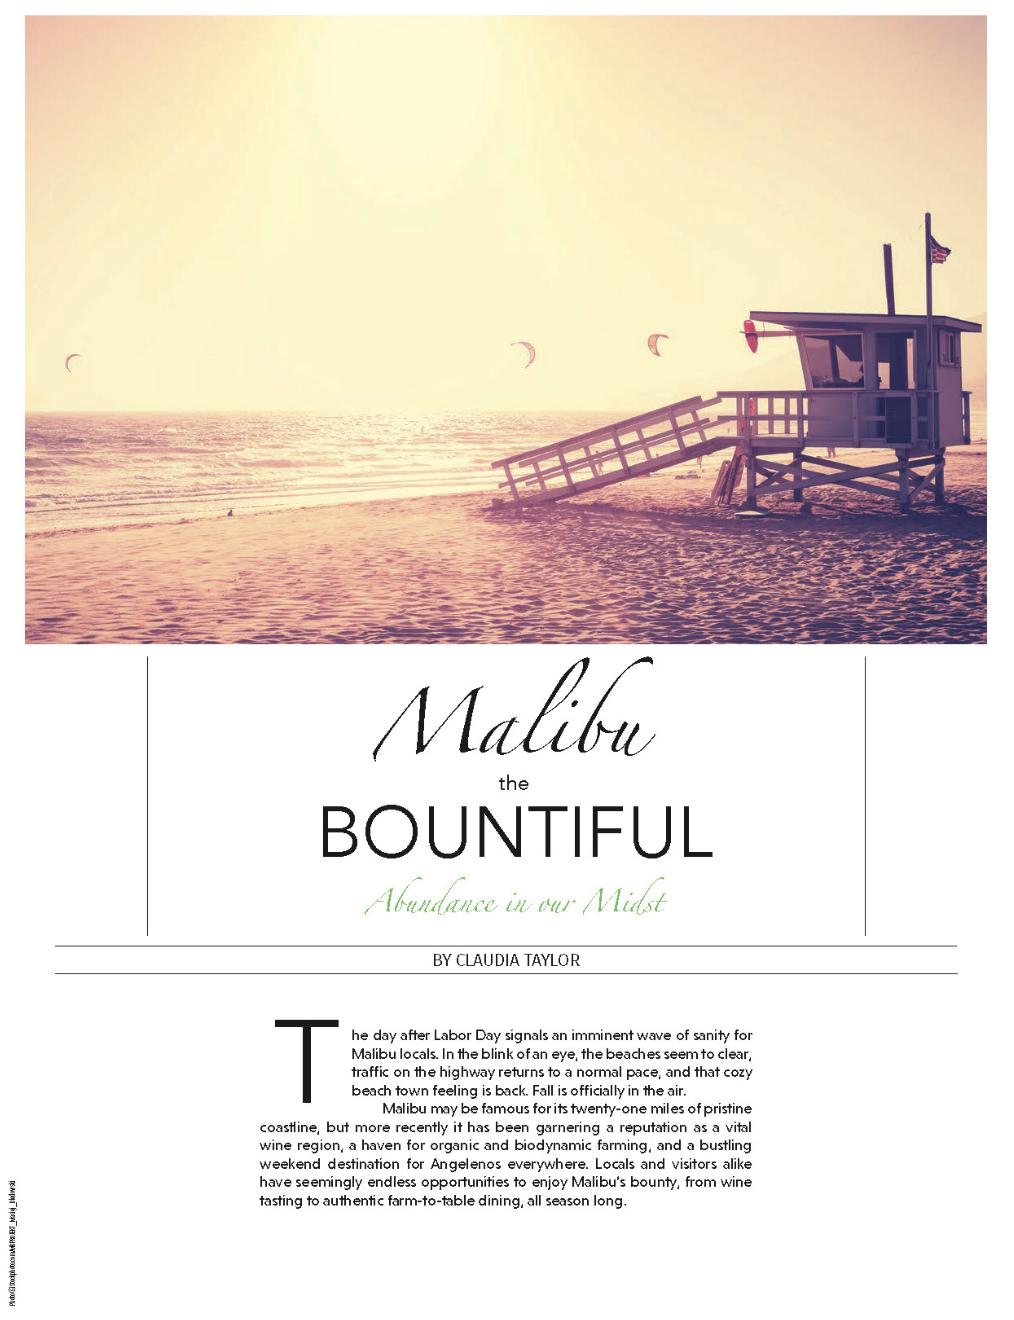 MALIBU THE BOUNTIFUL - EDIBLE LA